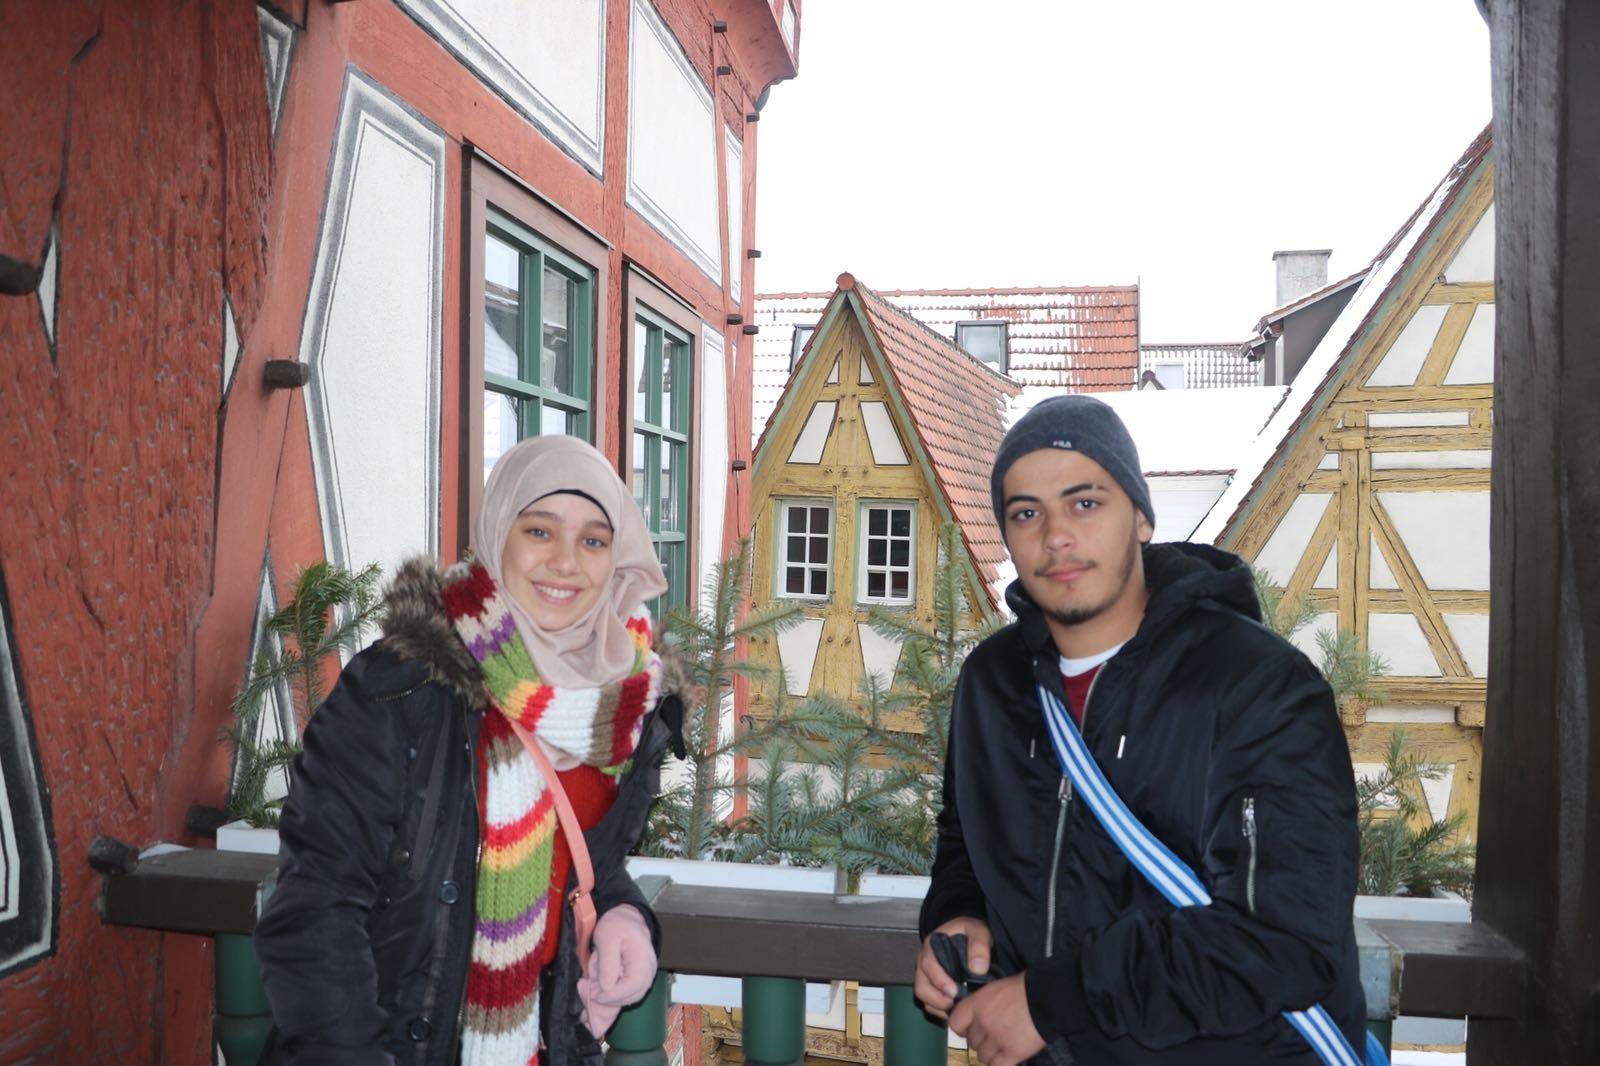 وفد مدرسة آفاق في المانيا يزور بلدية بيسيغهايم ومسجد كيرتشهايم